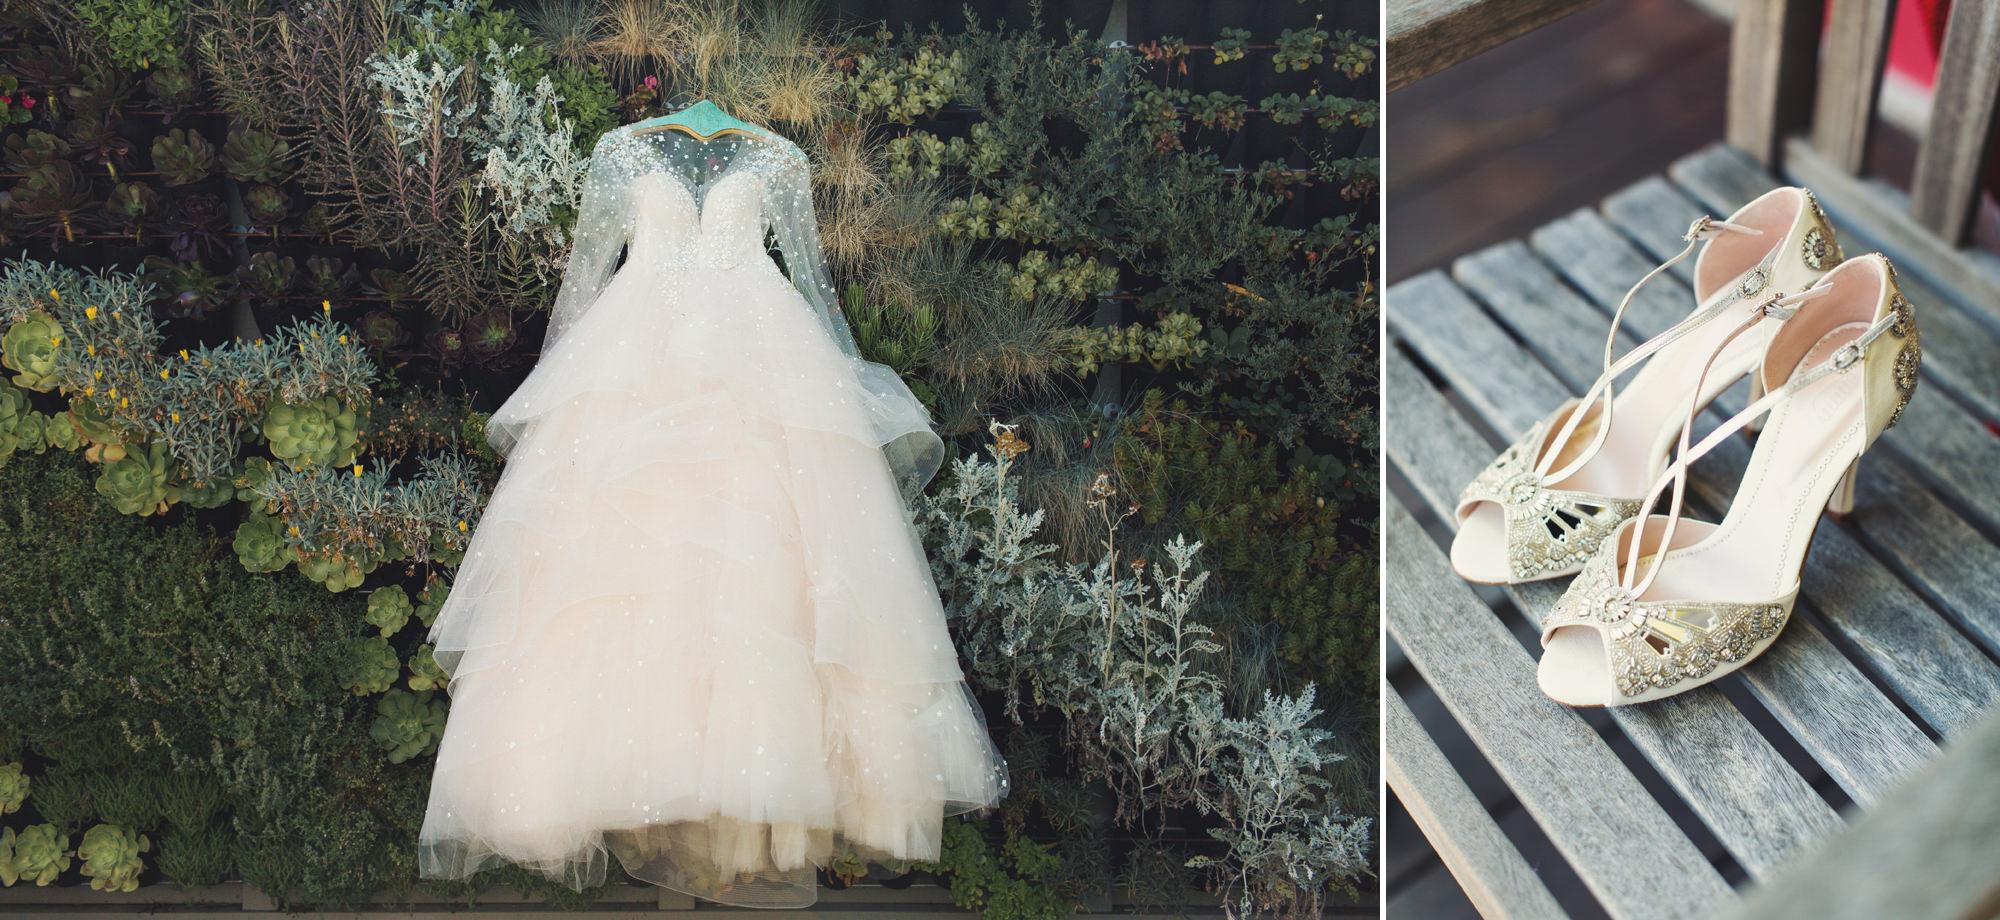 Fairytale Wedding in Nestldown ©Anne-Claire Brun 0004